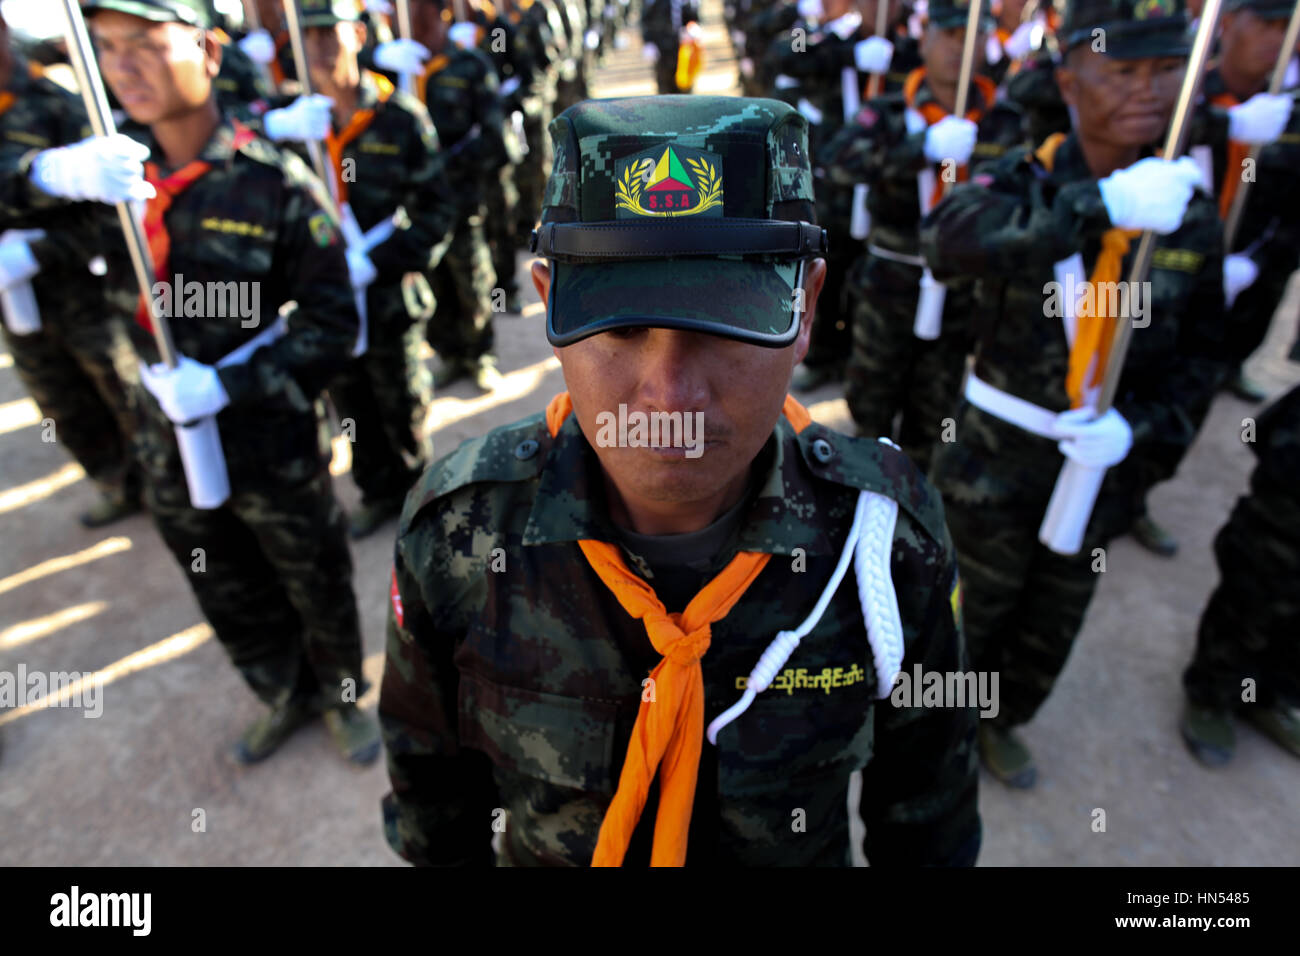 Tai LI Leng, le Myanmar. 07Th Feb 2017. Show militaire pendant la Shan 70e anniversaire de la Journée nationale shan le Feb 7, 2017. Credit: Visarut Sankham/Pacific Press/Alamy Live News Banque D'Images